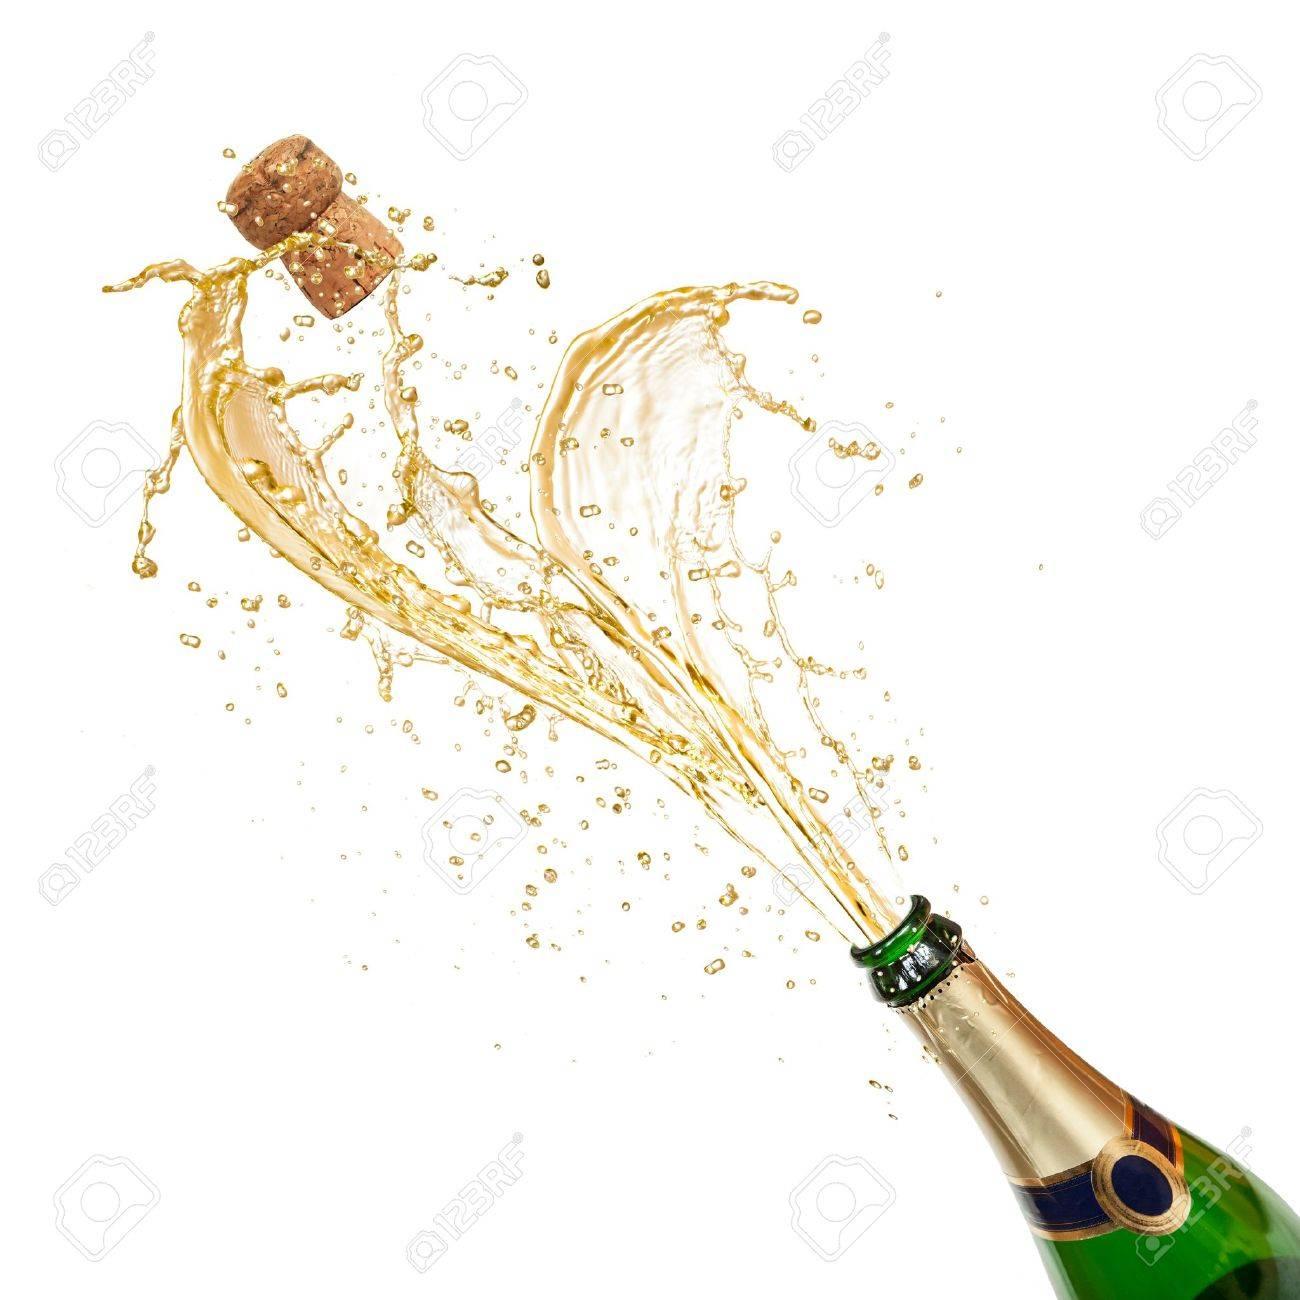 Champagne wine splash, isolated on white background Stock Photo - 16213259